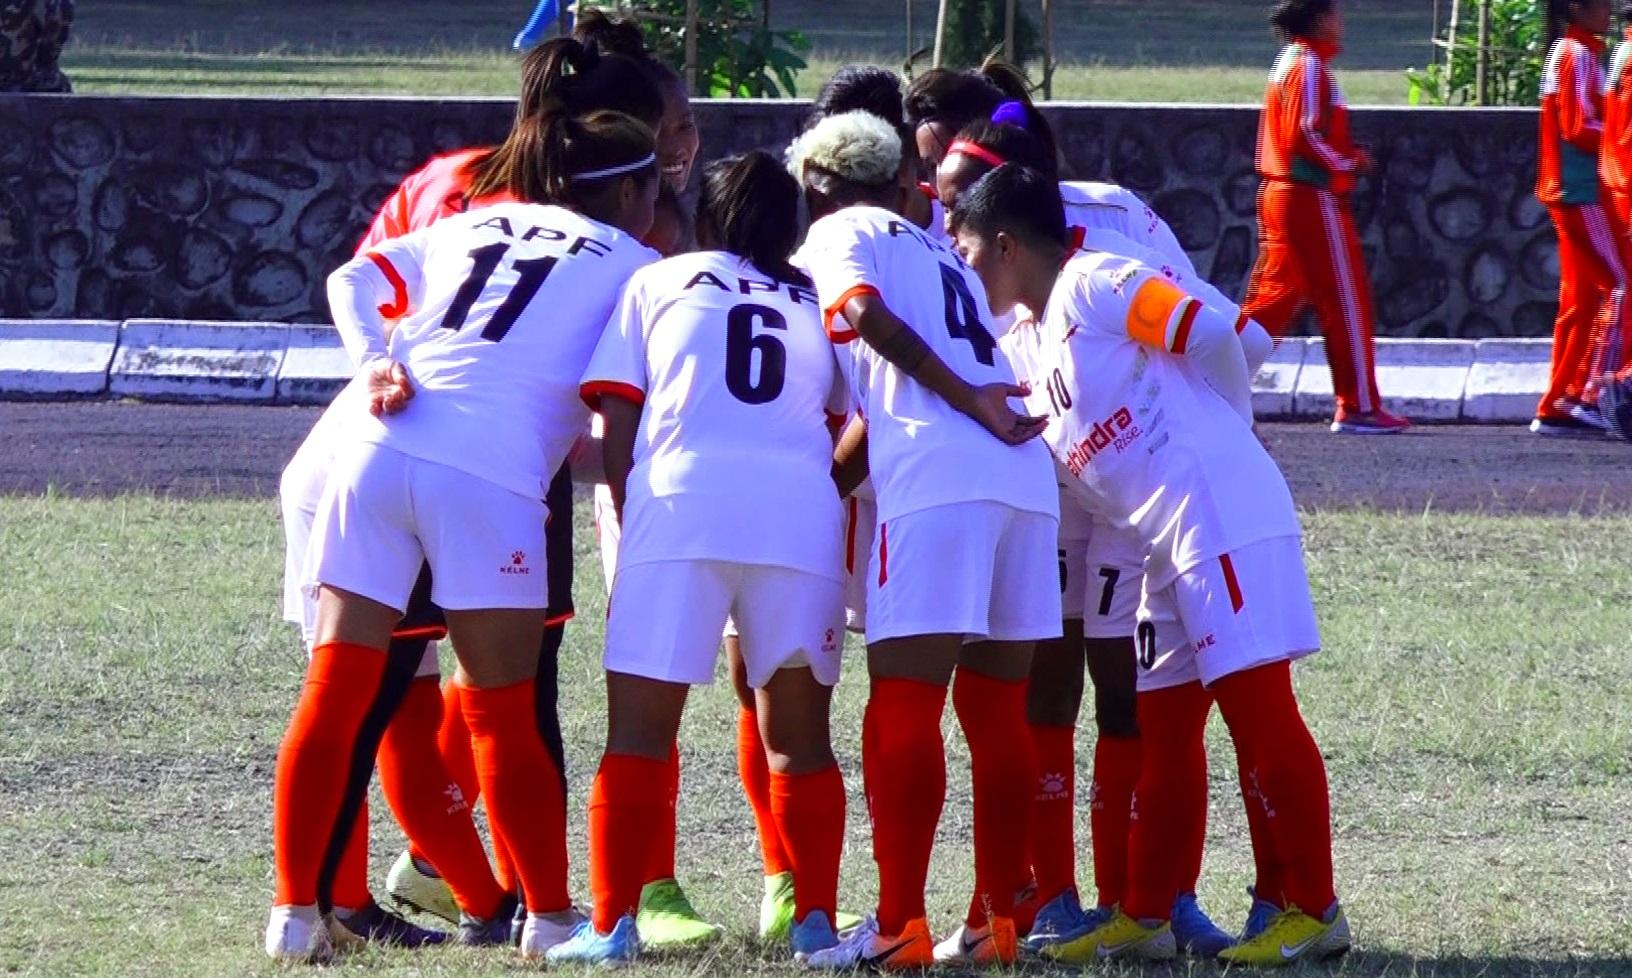 एपीएफ र आर्मीकाे महिला फुटबलमा प्रभावशाली जित